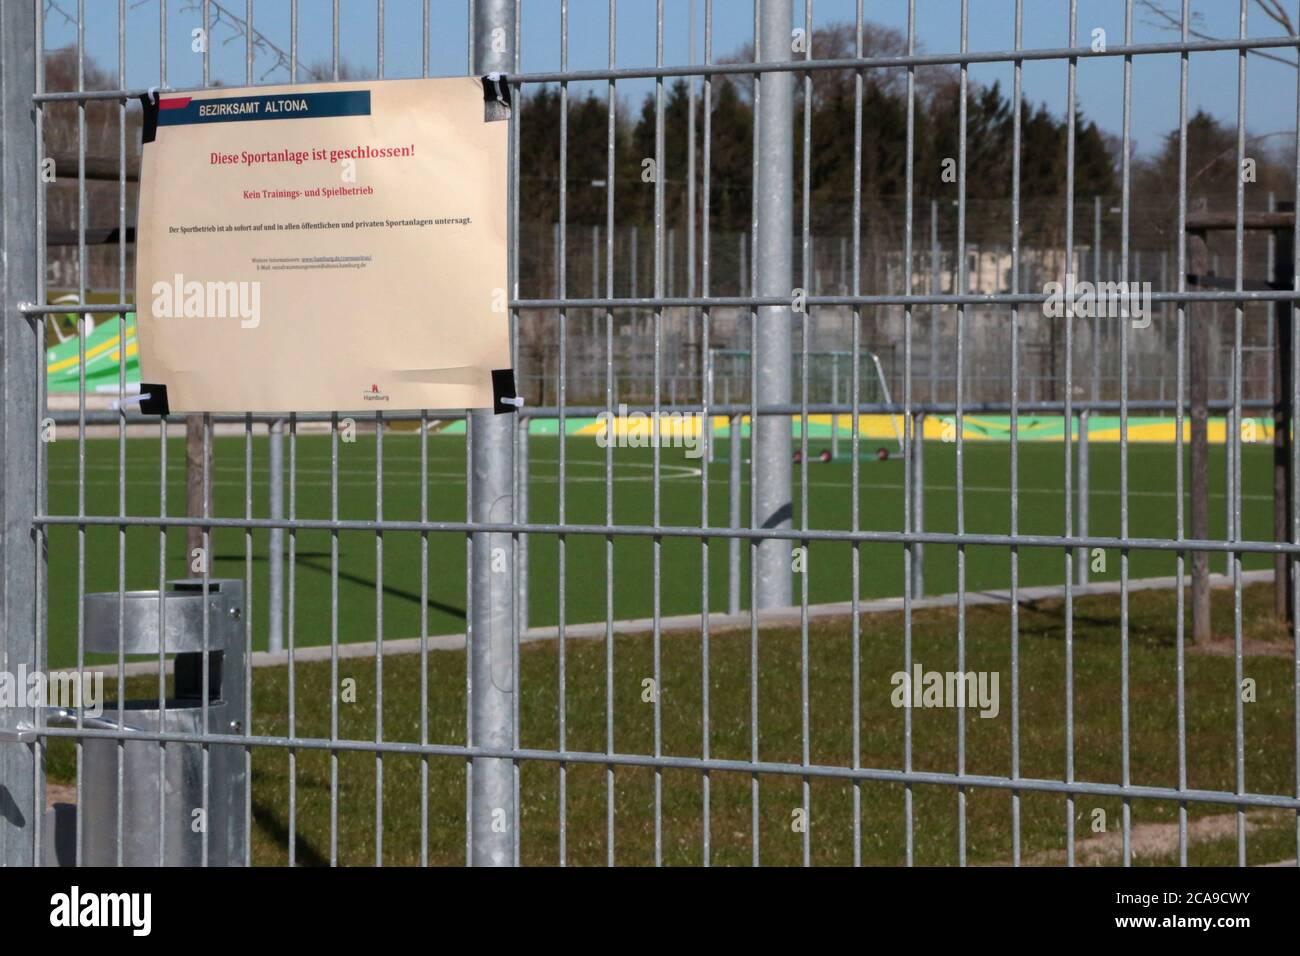 Cerrado sportspark, escuelas y patios de recreo debido a la crisis de Corona. Foto de stock